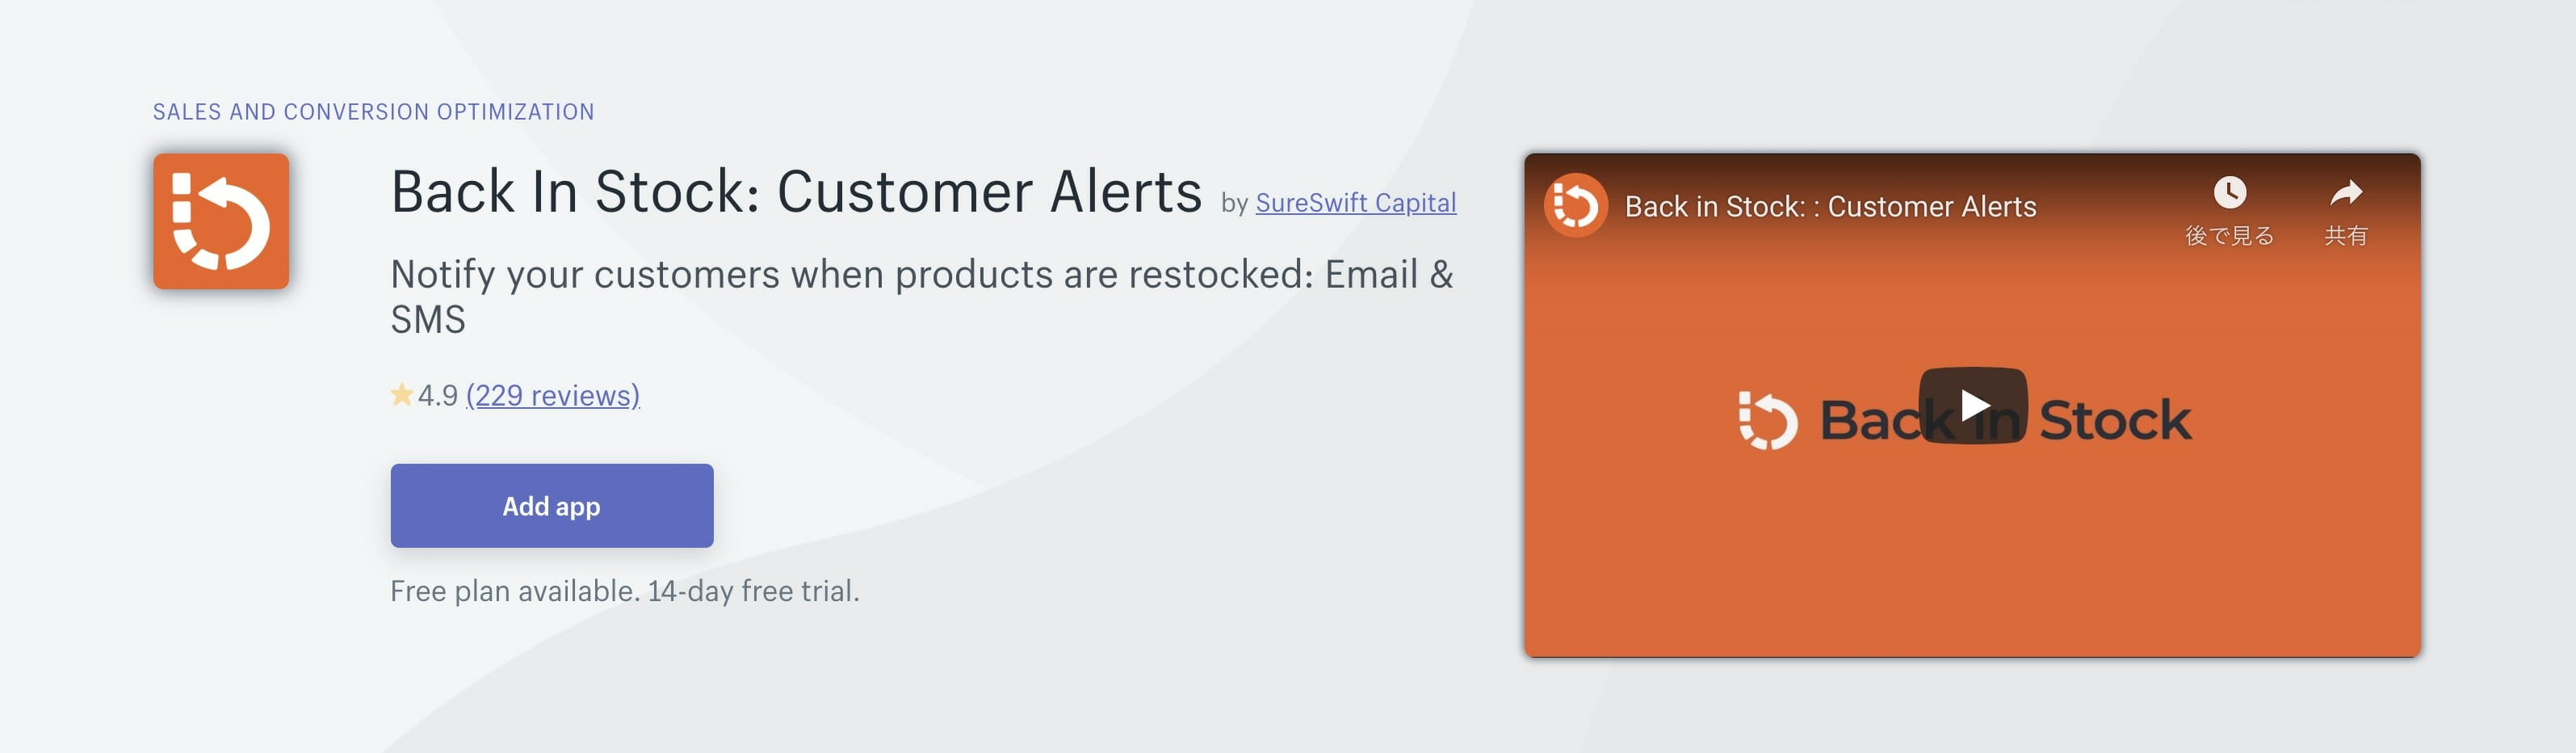 Back_In_Stock_Customer_Alerts